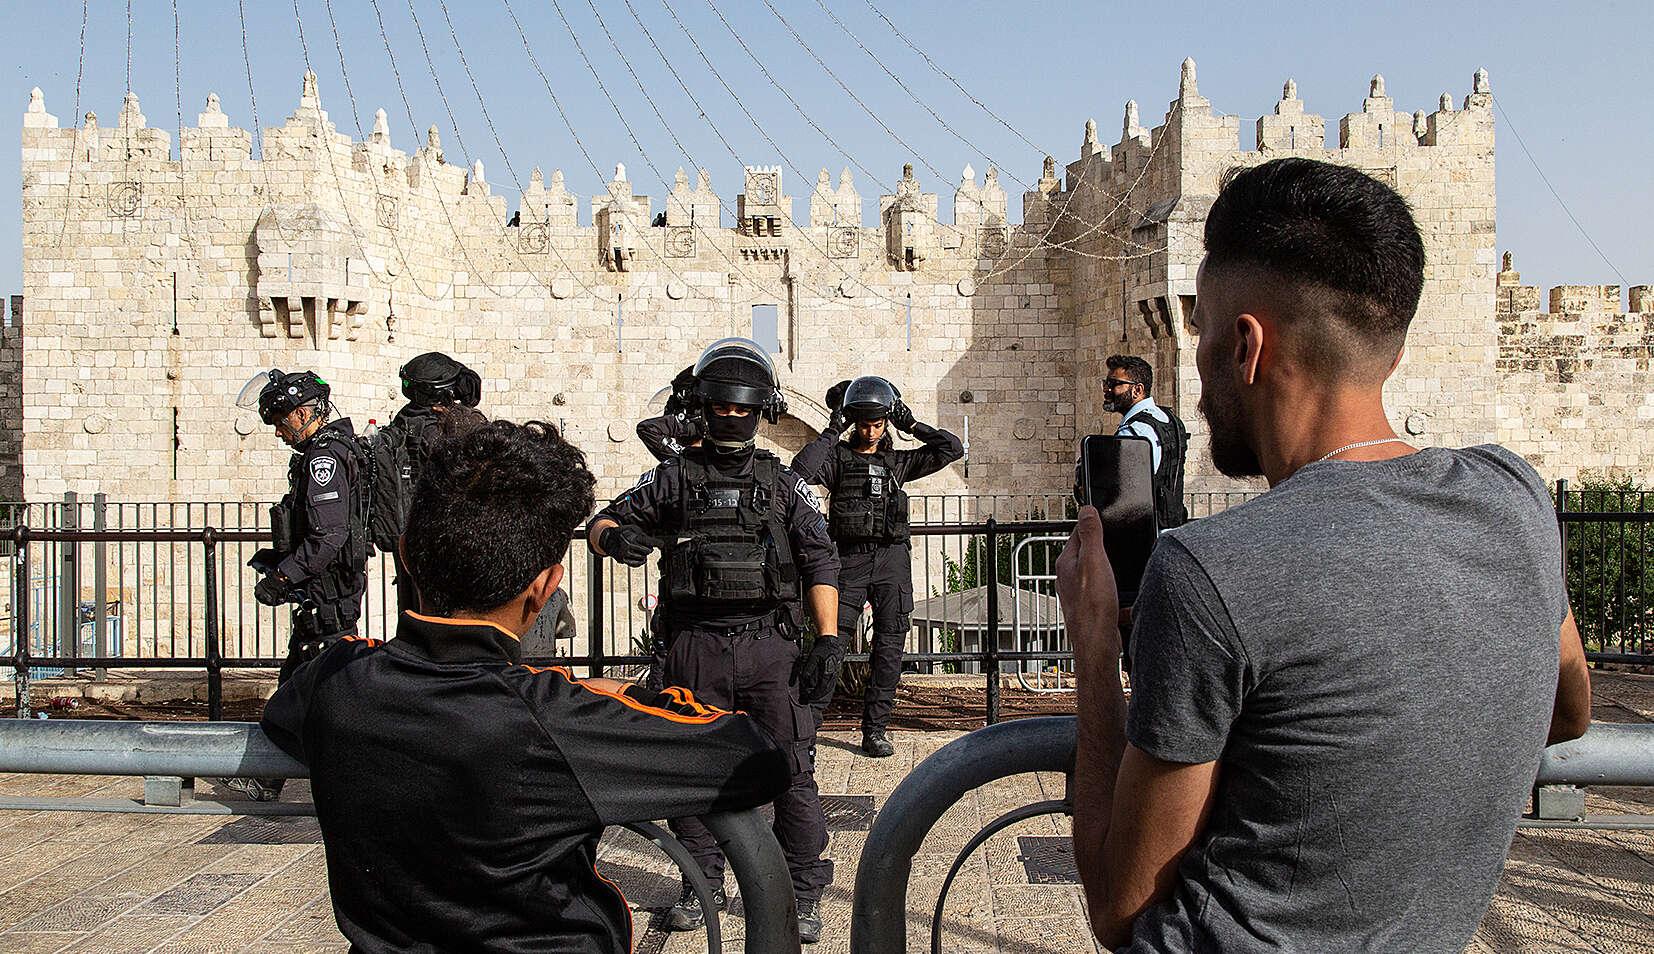 Konfliktverwaltung statt Friedensprozess